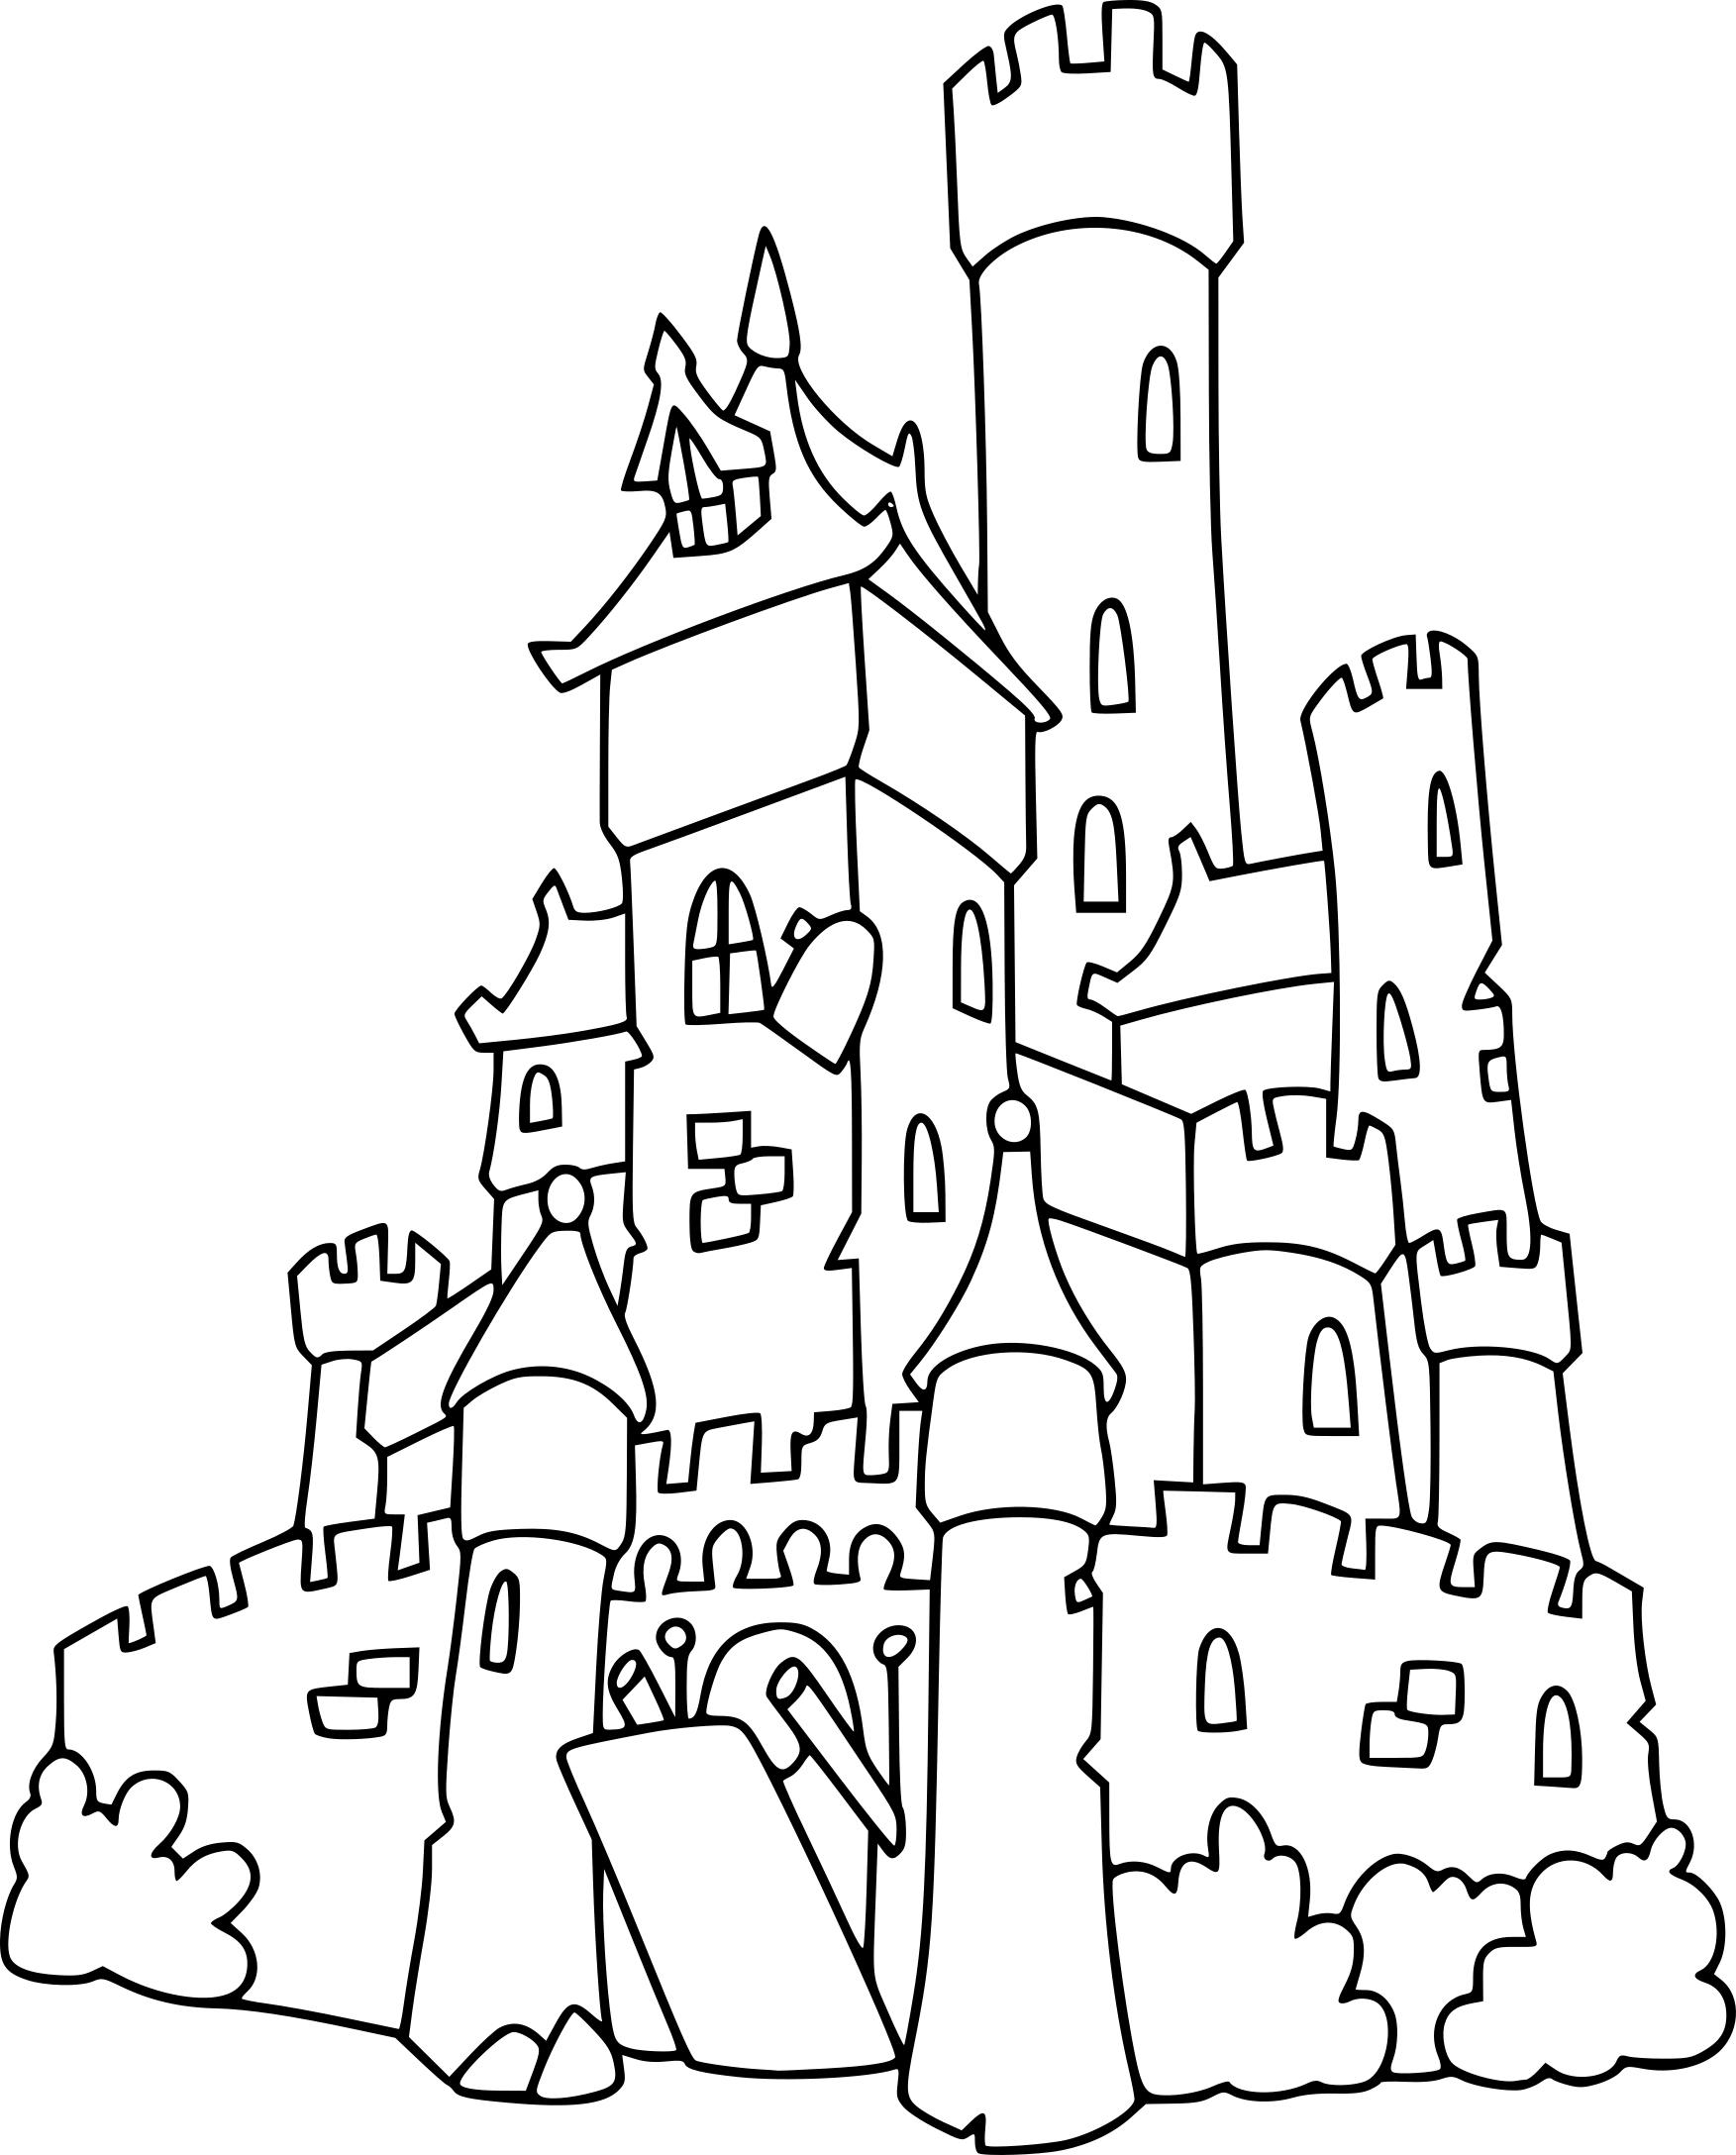 Coloriage Image Chateau.Coloriage Chateau Et Dessin A Imprimer